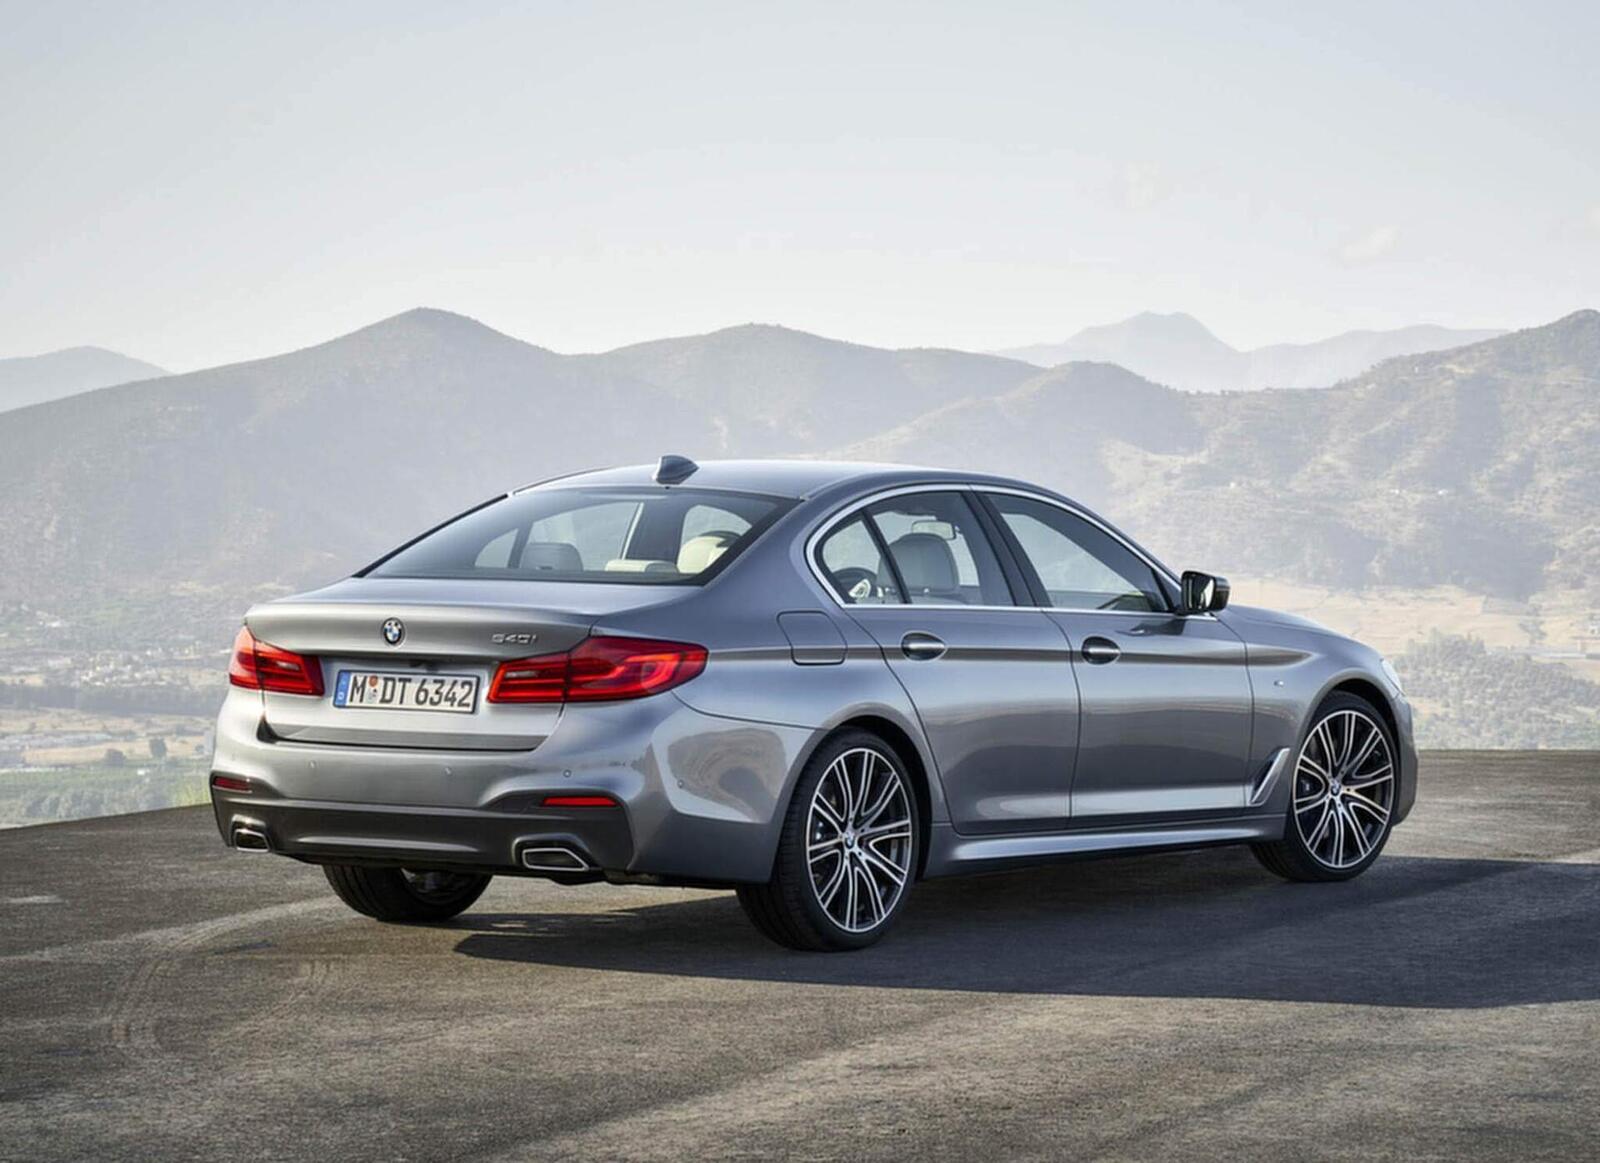 BMW 5 Series thế hệ hoàn toàn mới xuất hiện tại Hà Nội - Hình 10